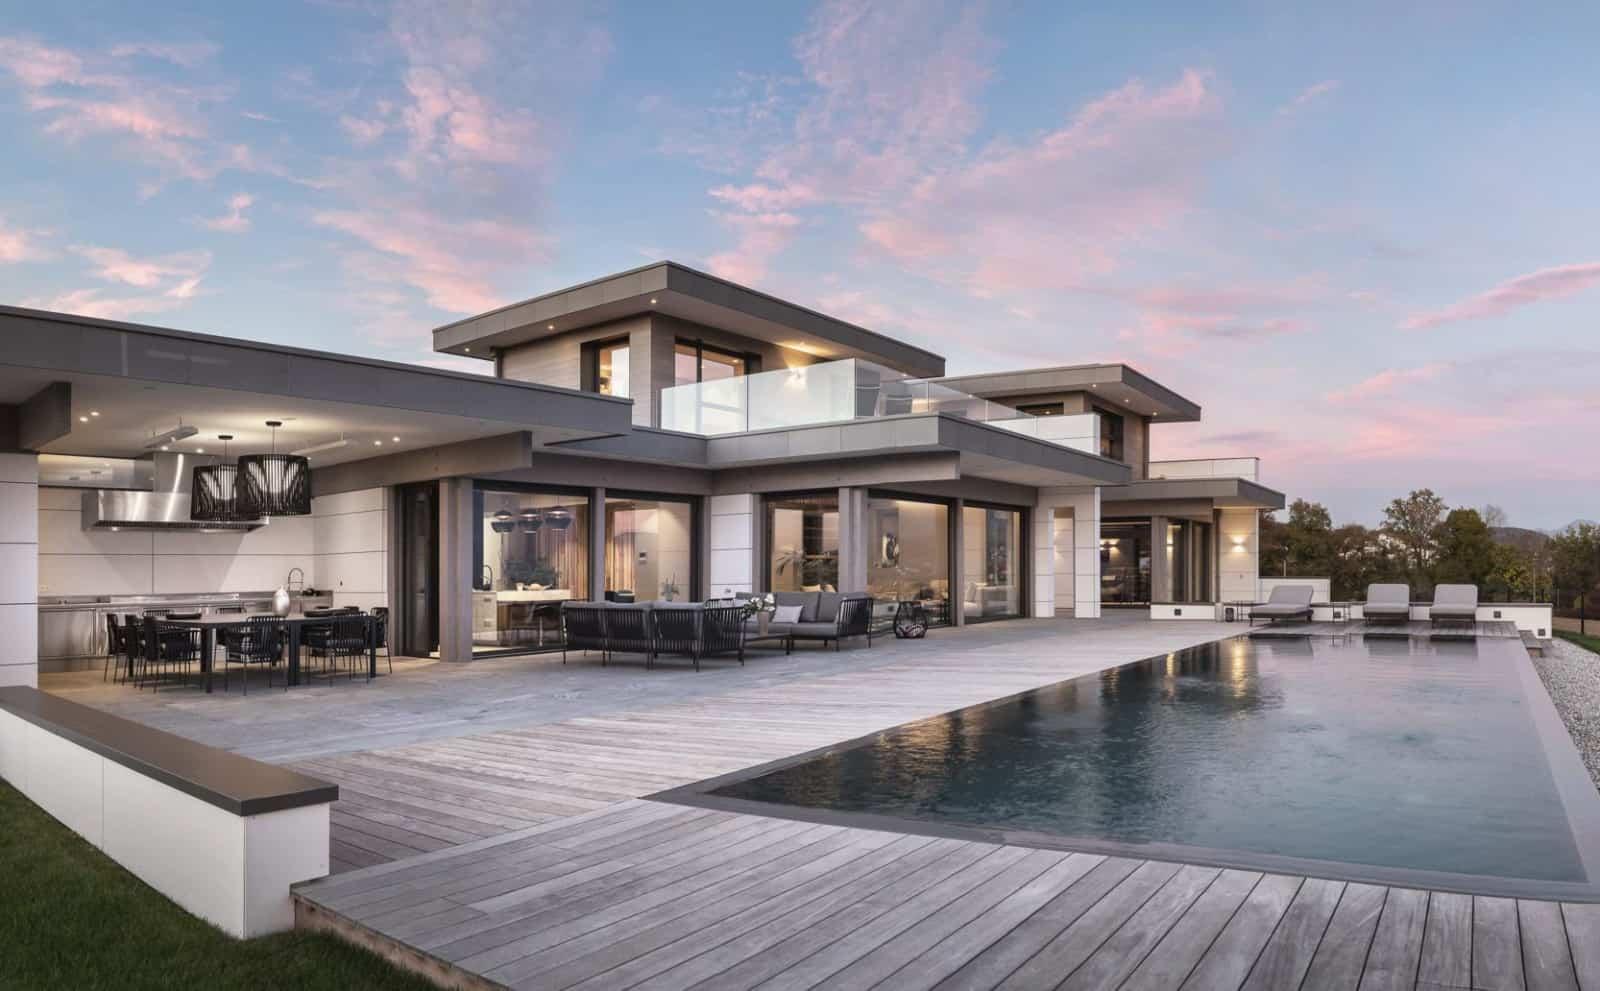 Maison d'Architecte Lac d'Annecy - Maison d'architecte, villa contemporaine - Archidomo